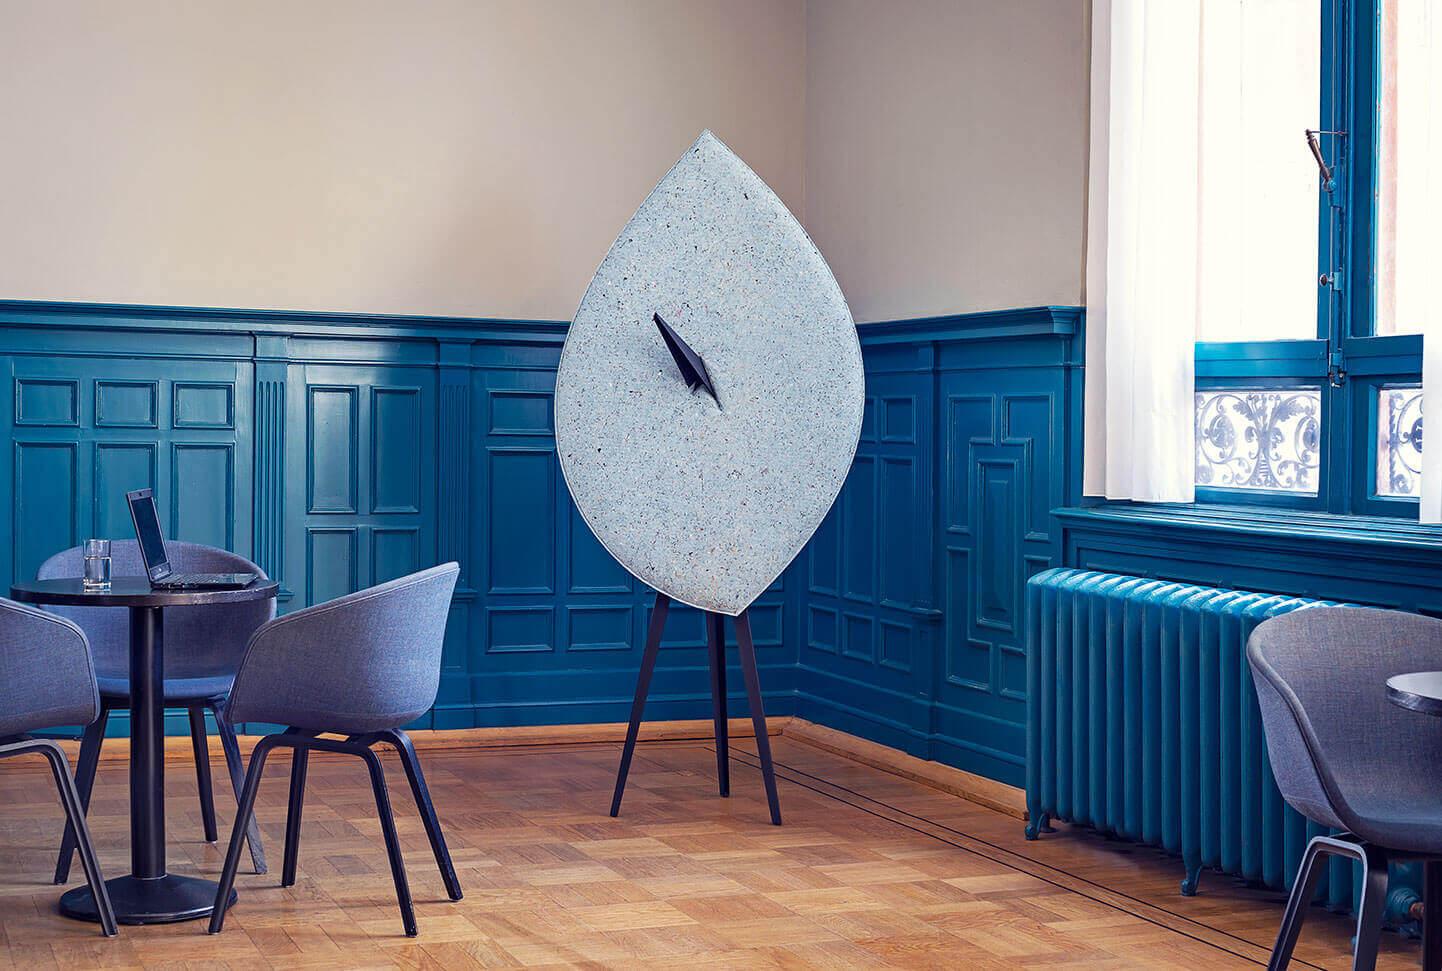 BLAD akoestisch scherm prikbord, circulair. Biophilic-circular, acoustic object, pinboard, leaf. Bio-zirkulär akustisches Schild Schwarzes Brett.